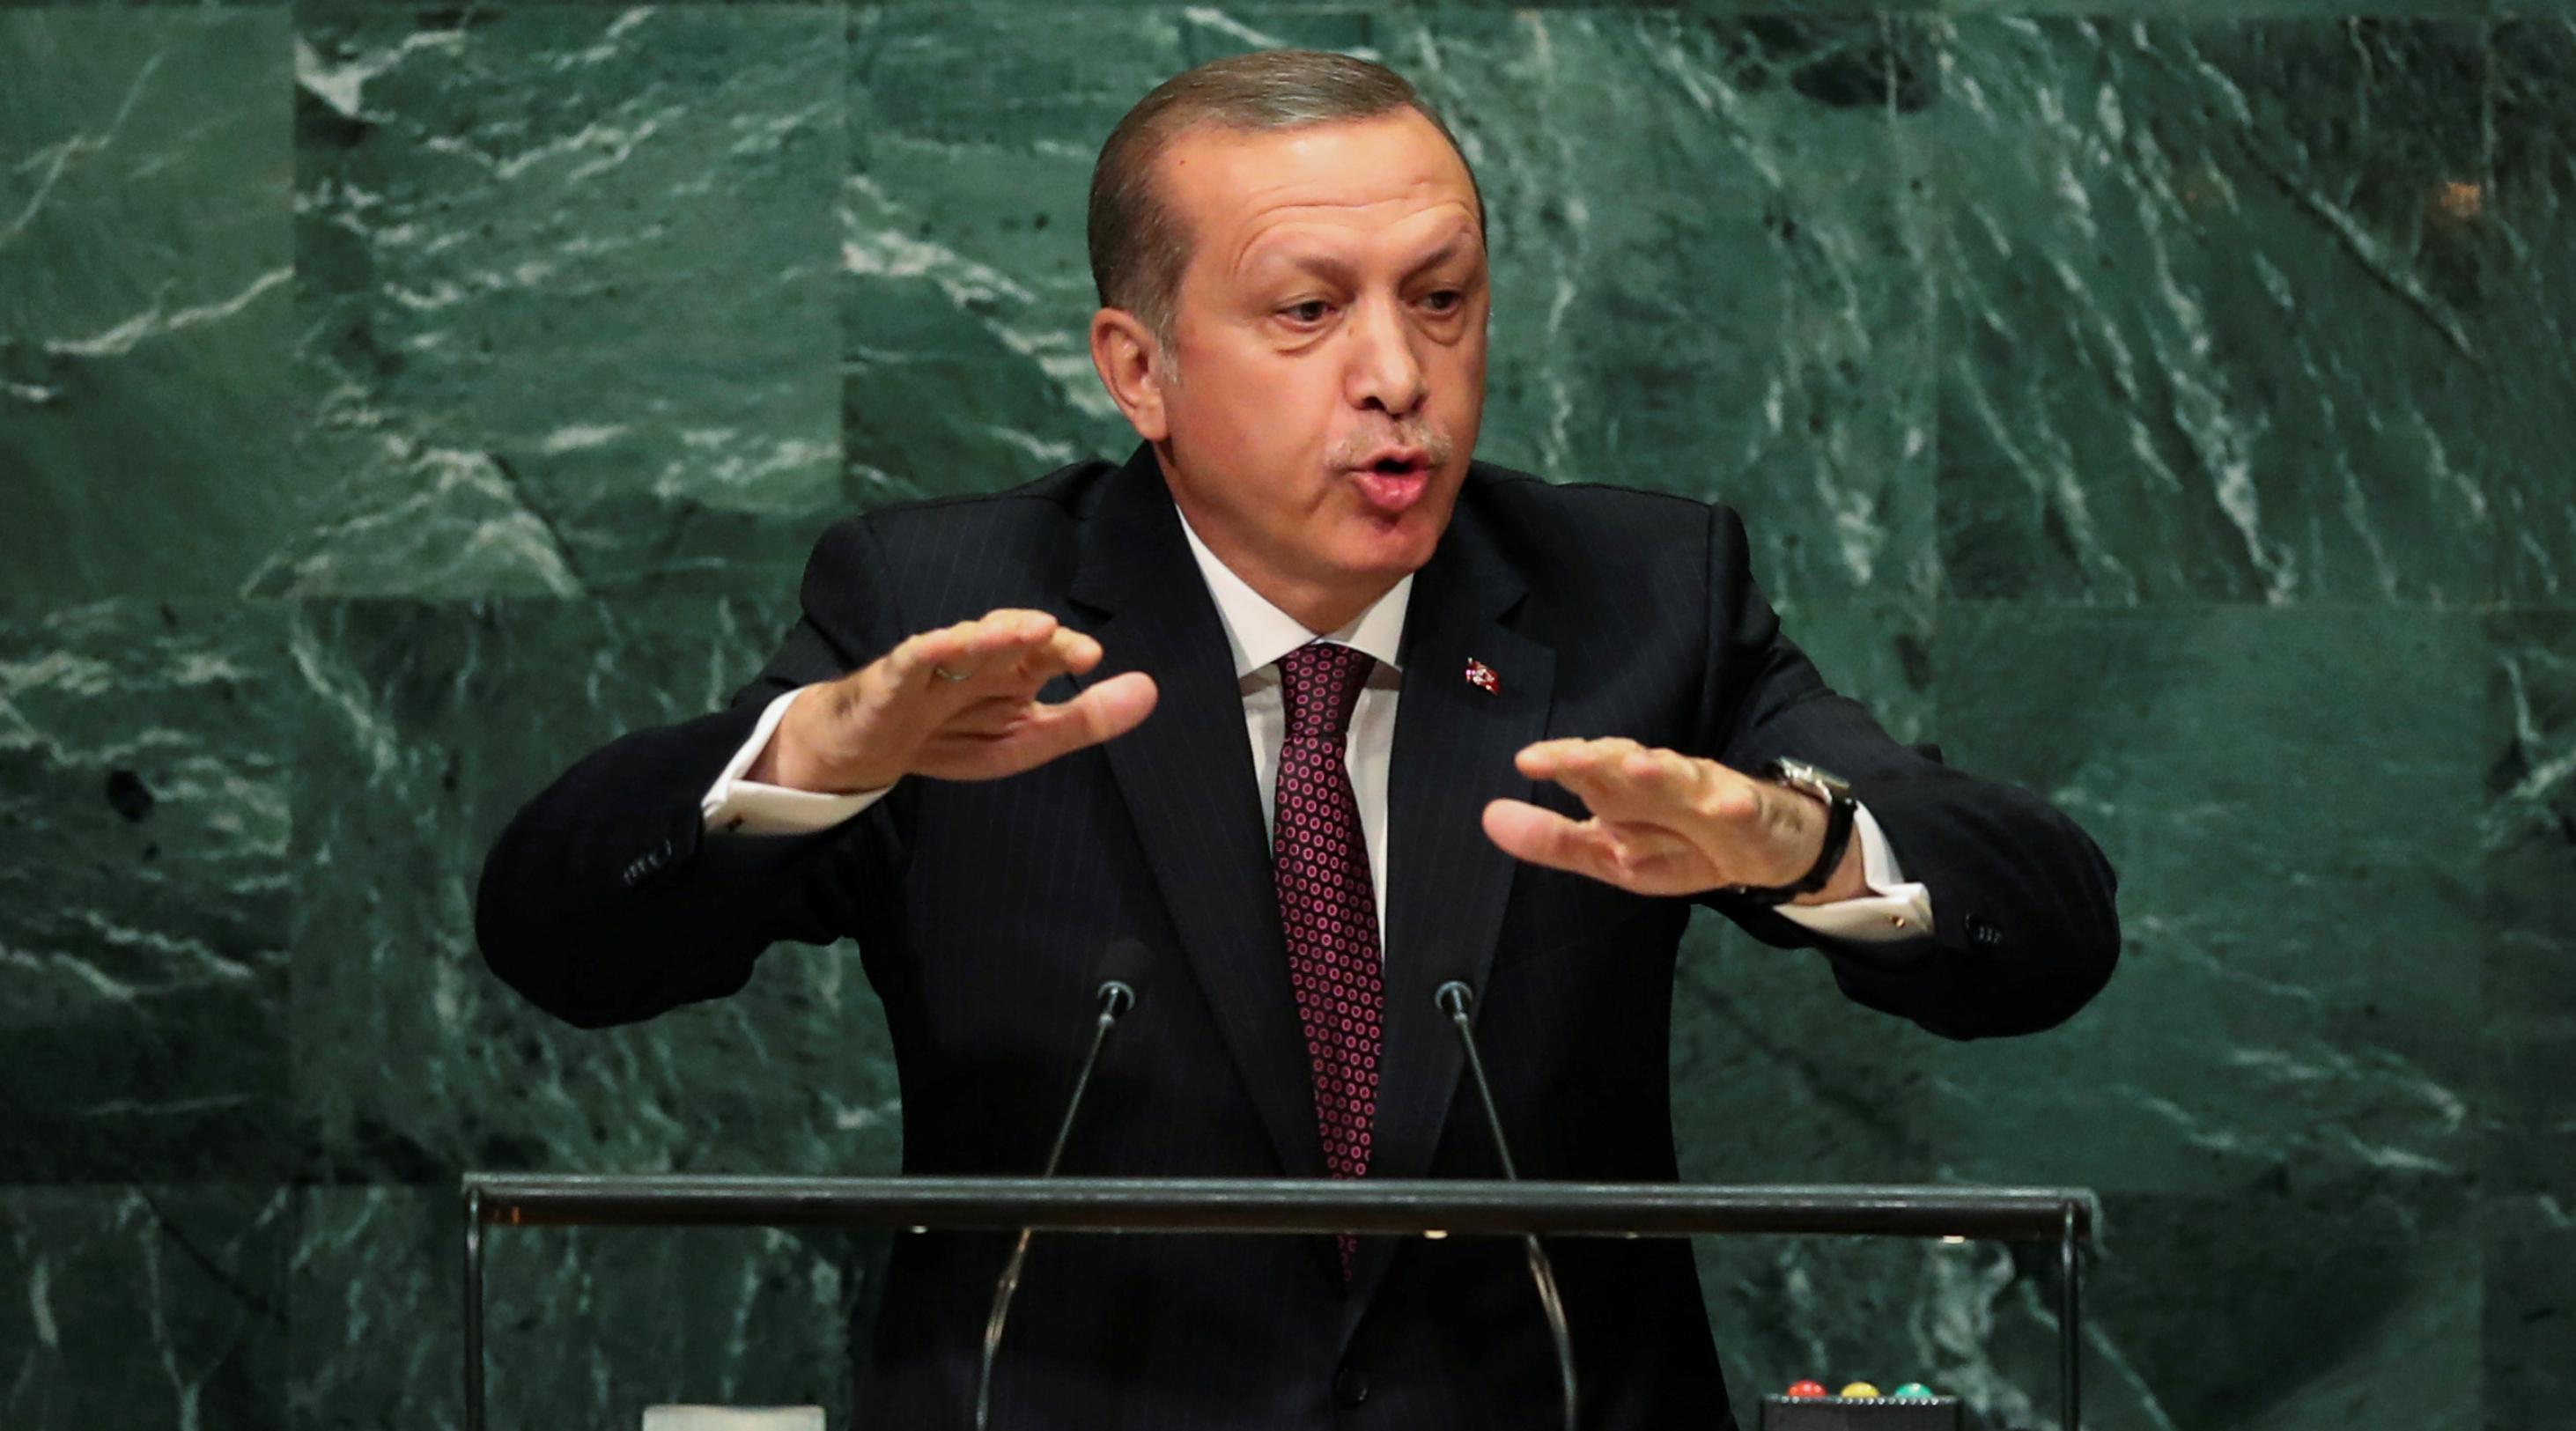 Эрдоган пророчит ООН ведущую роль в борьбе с терроризмом